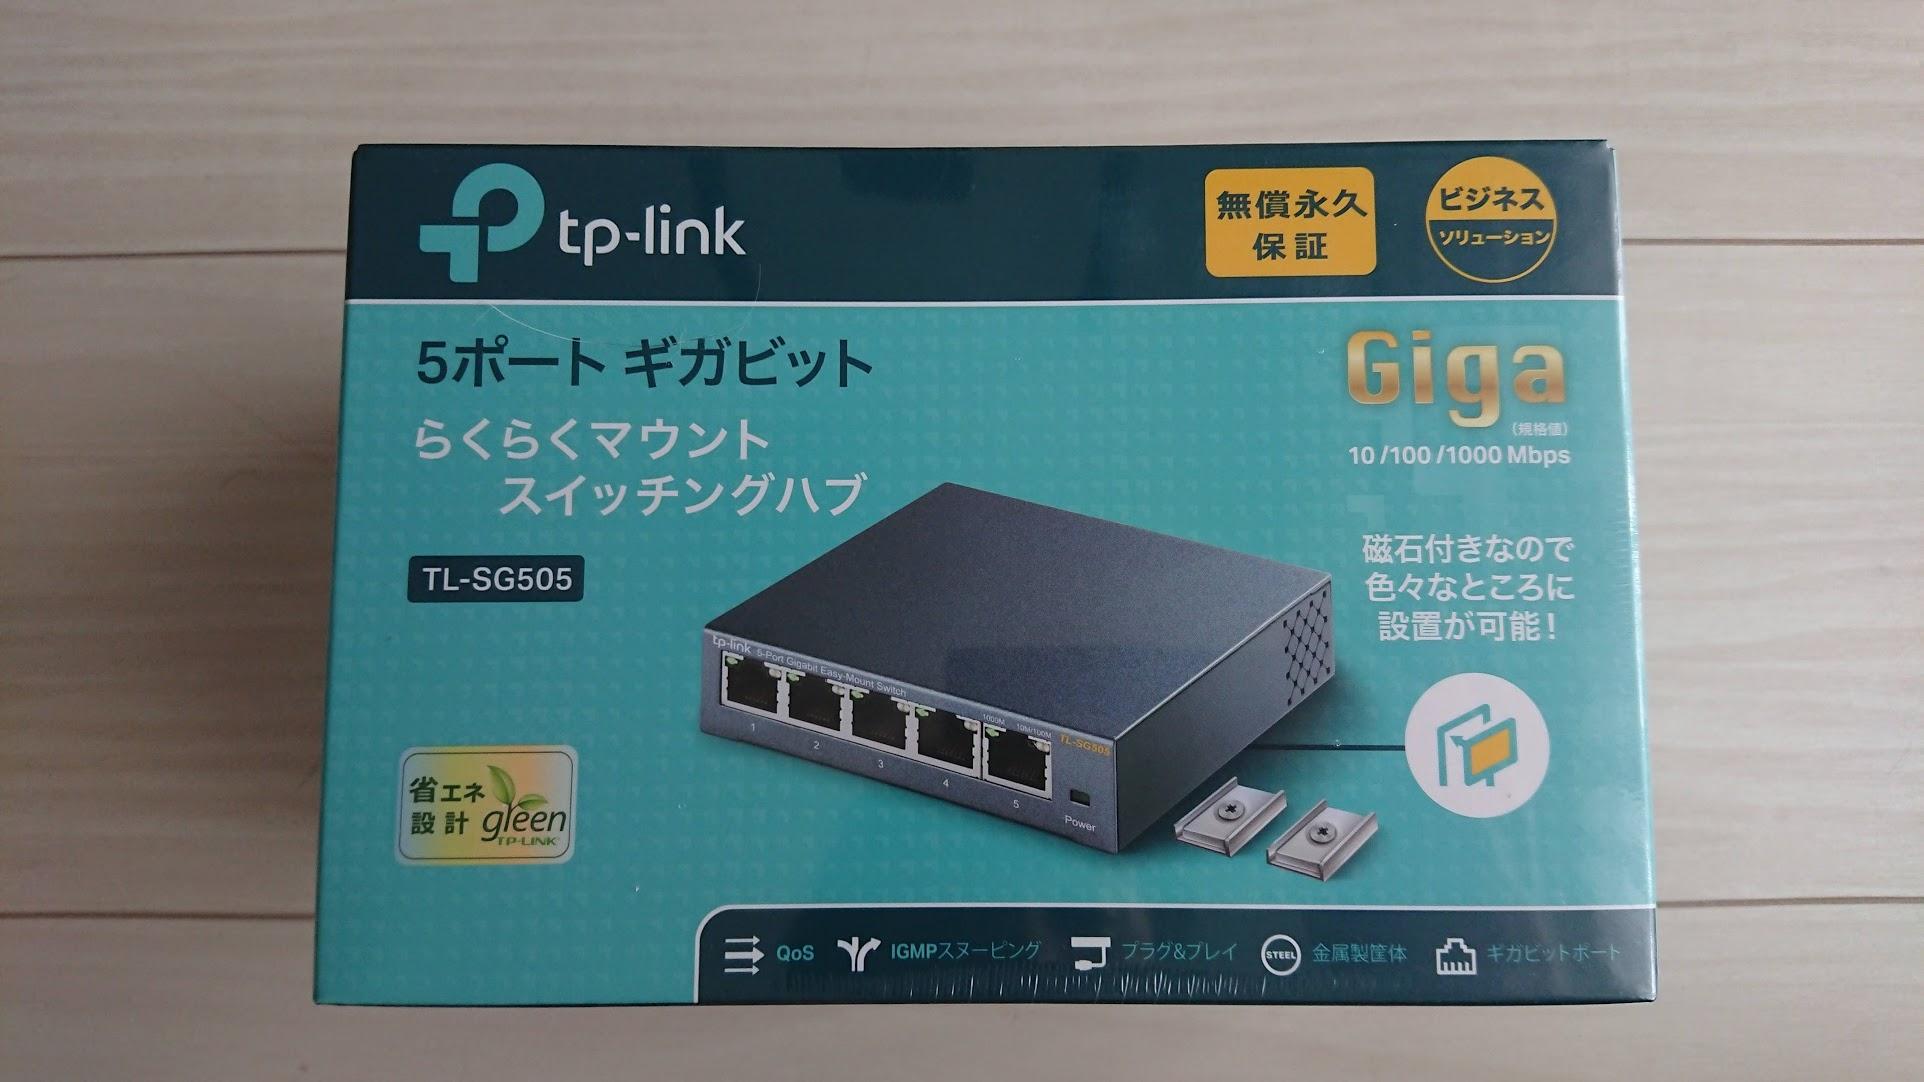 TP-Link「TL-SG505」のパッケージ。